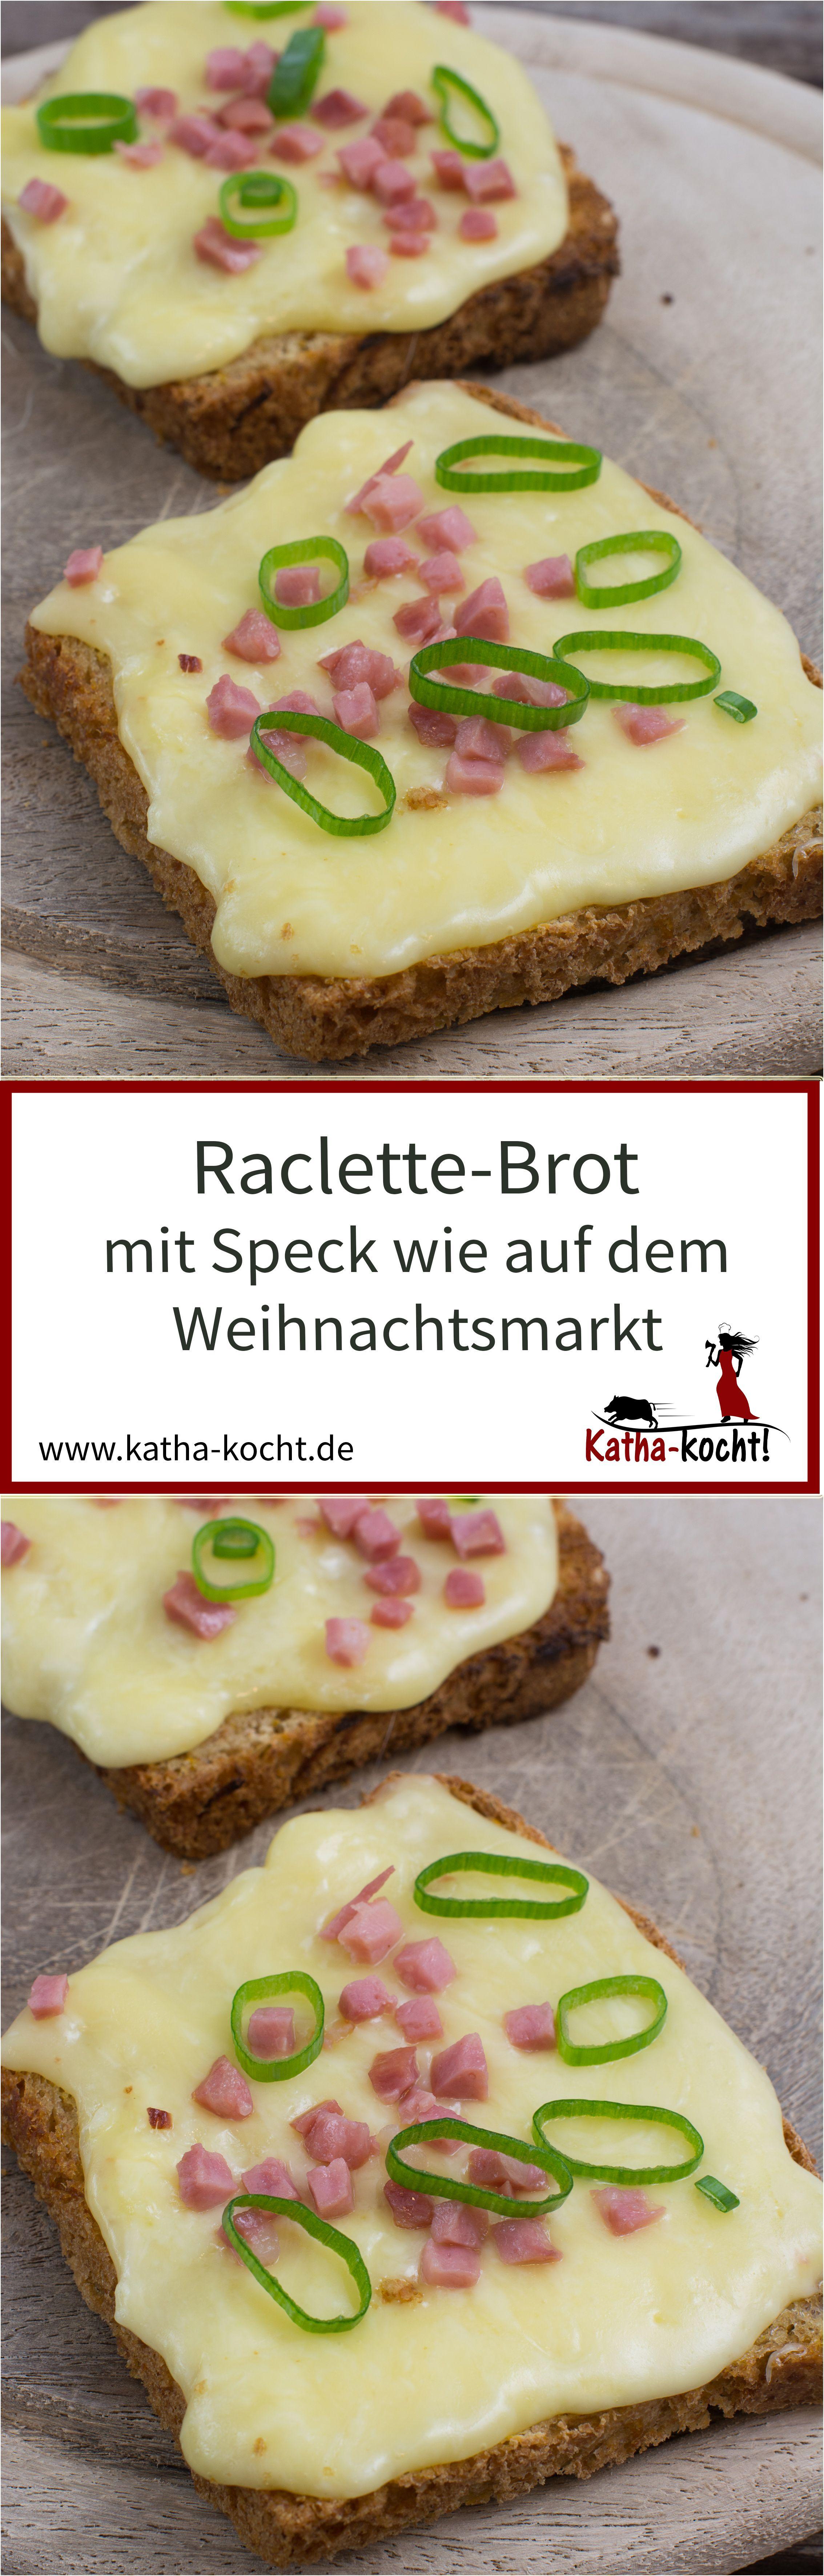 Raclette-Brot mit Speck wie auf dem Weihnachtsmarkt #racletteideen